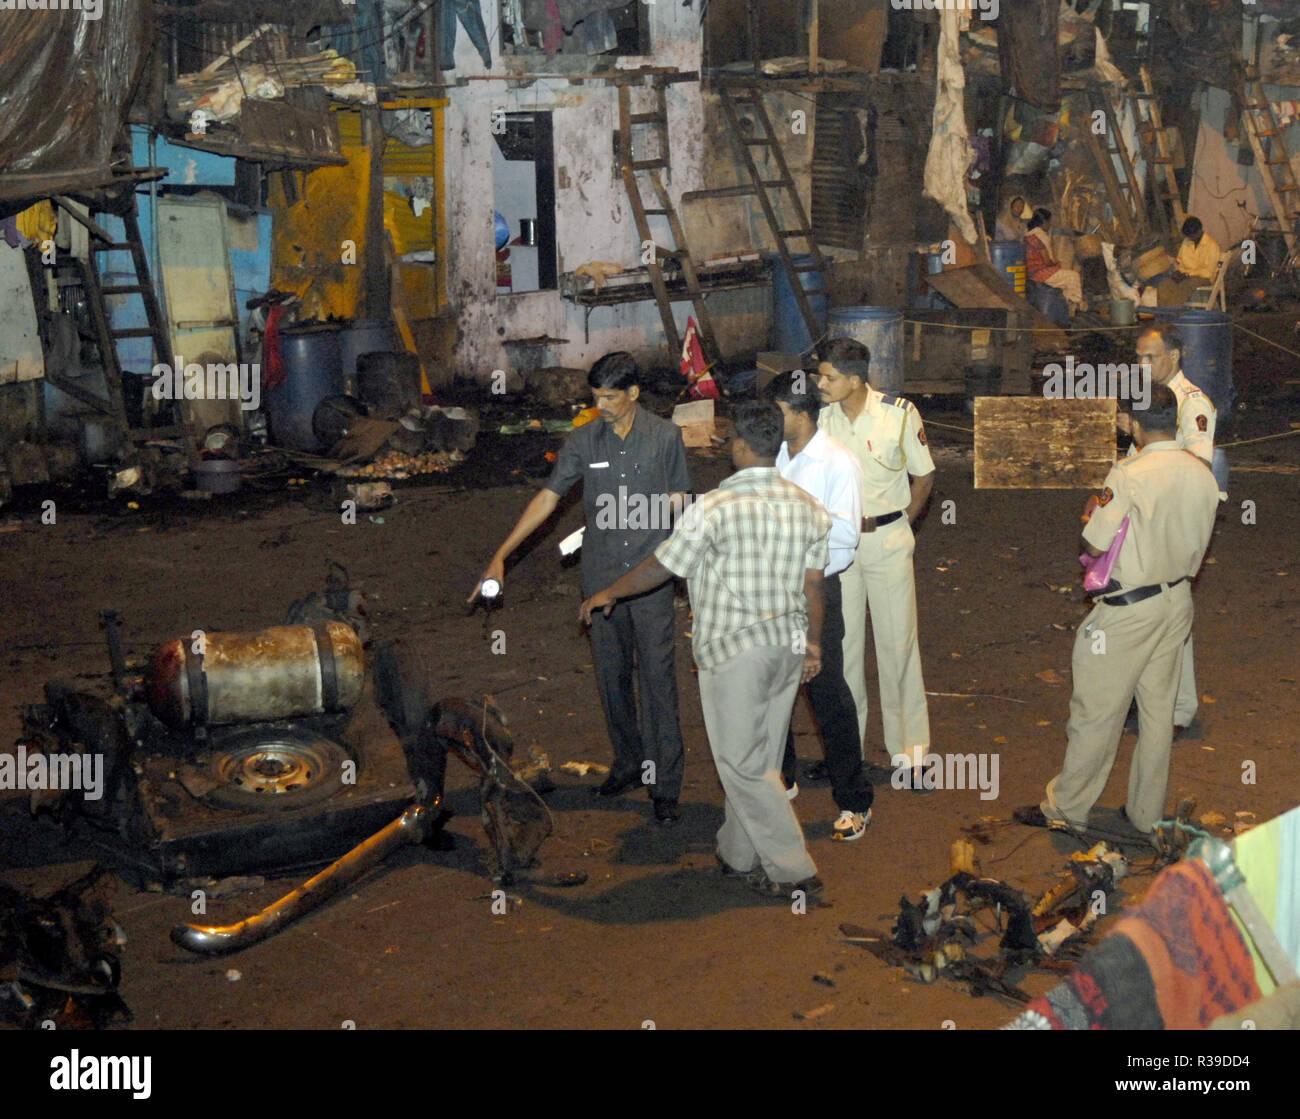 Explosión en un taxi en Bombay Port Sociedad Fiduciaria cerca Mazgaon Deccan Muyahidín, cuando los terroristas atacaron Mumbai India el 27/11/2008. Los terroristas mataron a 100 personas y más de 200 heridos en una serie de ataques coordinados a través de la India?s del centro financiero de Mumbai como pistoleros fuertemente armados en grupos de dos a cuatro abrieron fuego con armas automáticas y granadas lobbed en 10 lugares en el sur de Mumbai, incluidos los cinco estrellas hoteles Taj y Trident, la ciudad?s terminal principal de trenes, un hospital, una cafetería, un pub y una sala de cine. Foto: Dinodia (c) dpa - Report   uso en todo el mundo Foto de stock